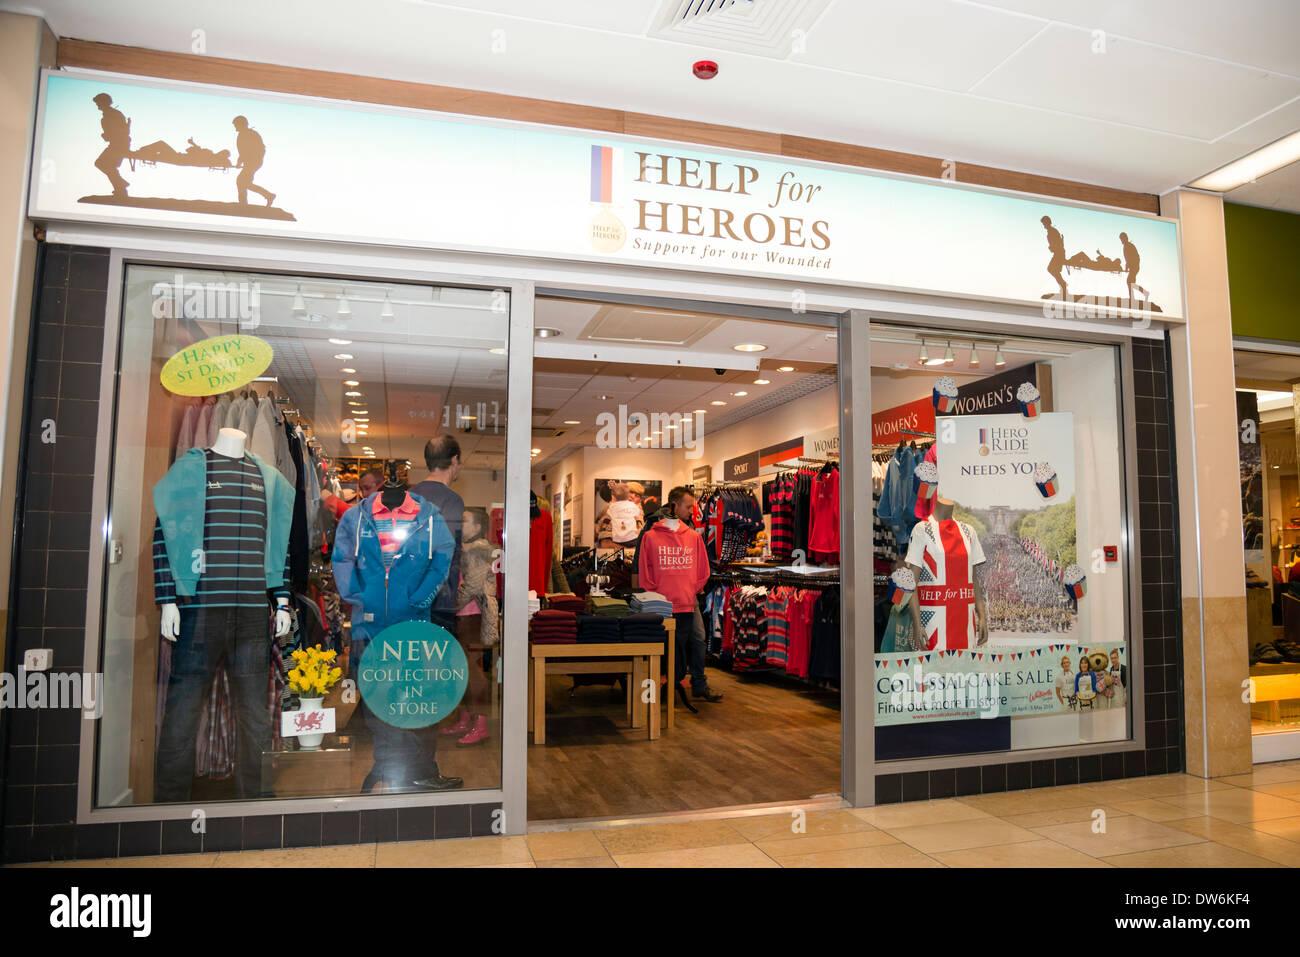 La guida in linea per gli eroi della carità shop Cardiff Wales, Regno Unito. Immagini Stock